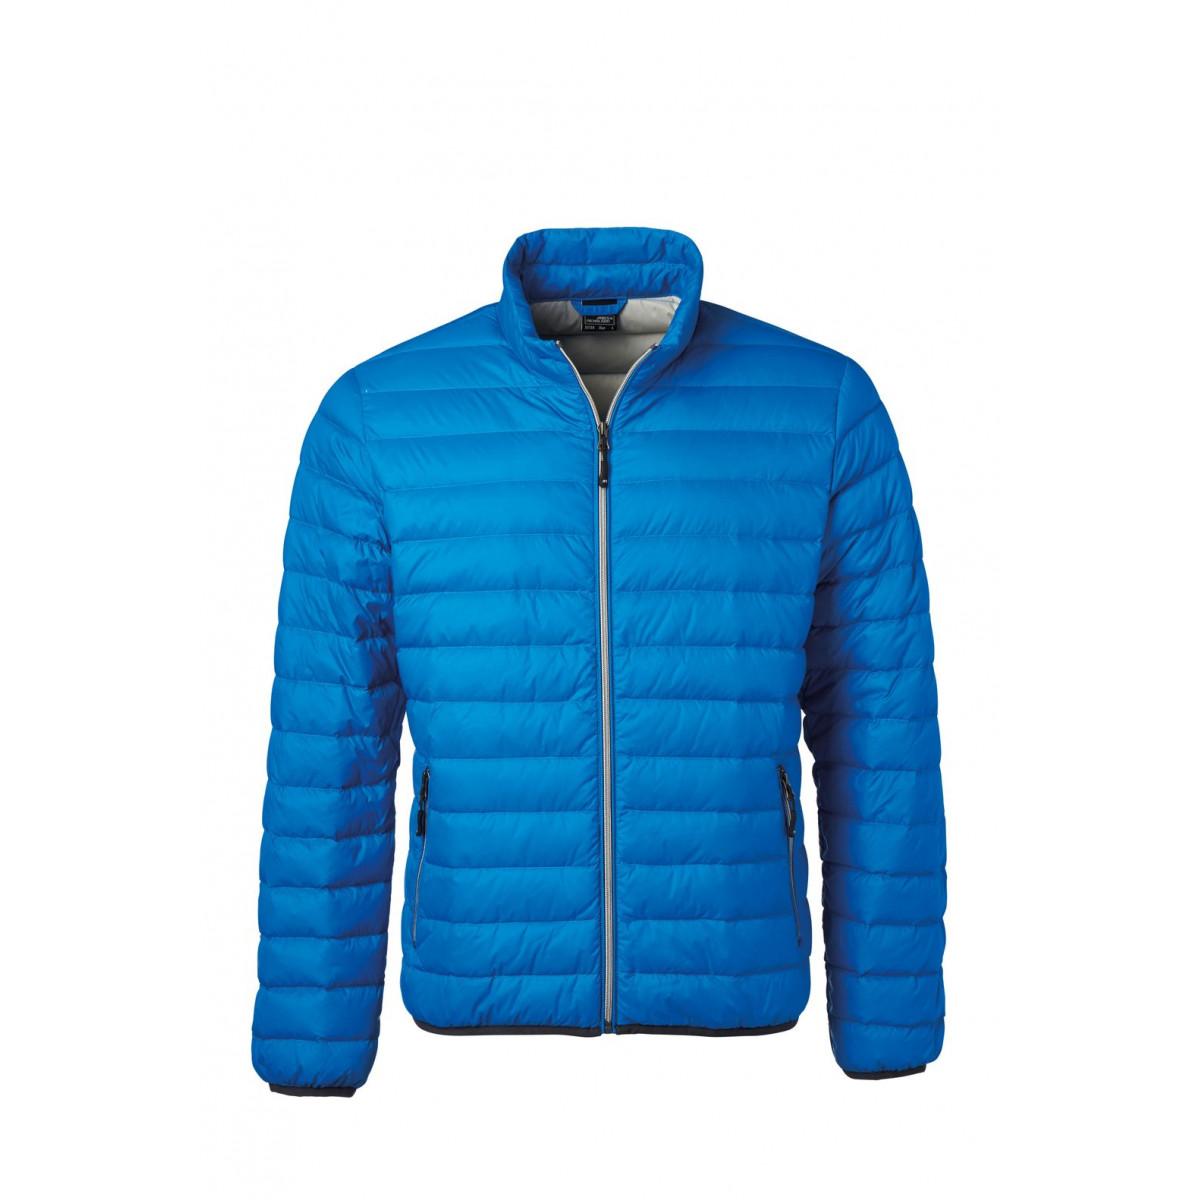 Куртка мужская JN1140 Mens Down Jacket - Кобальт/Серебряный